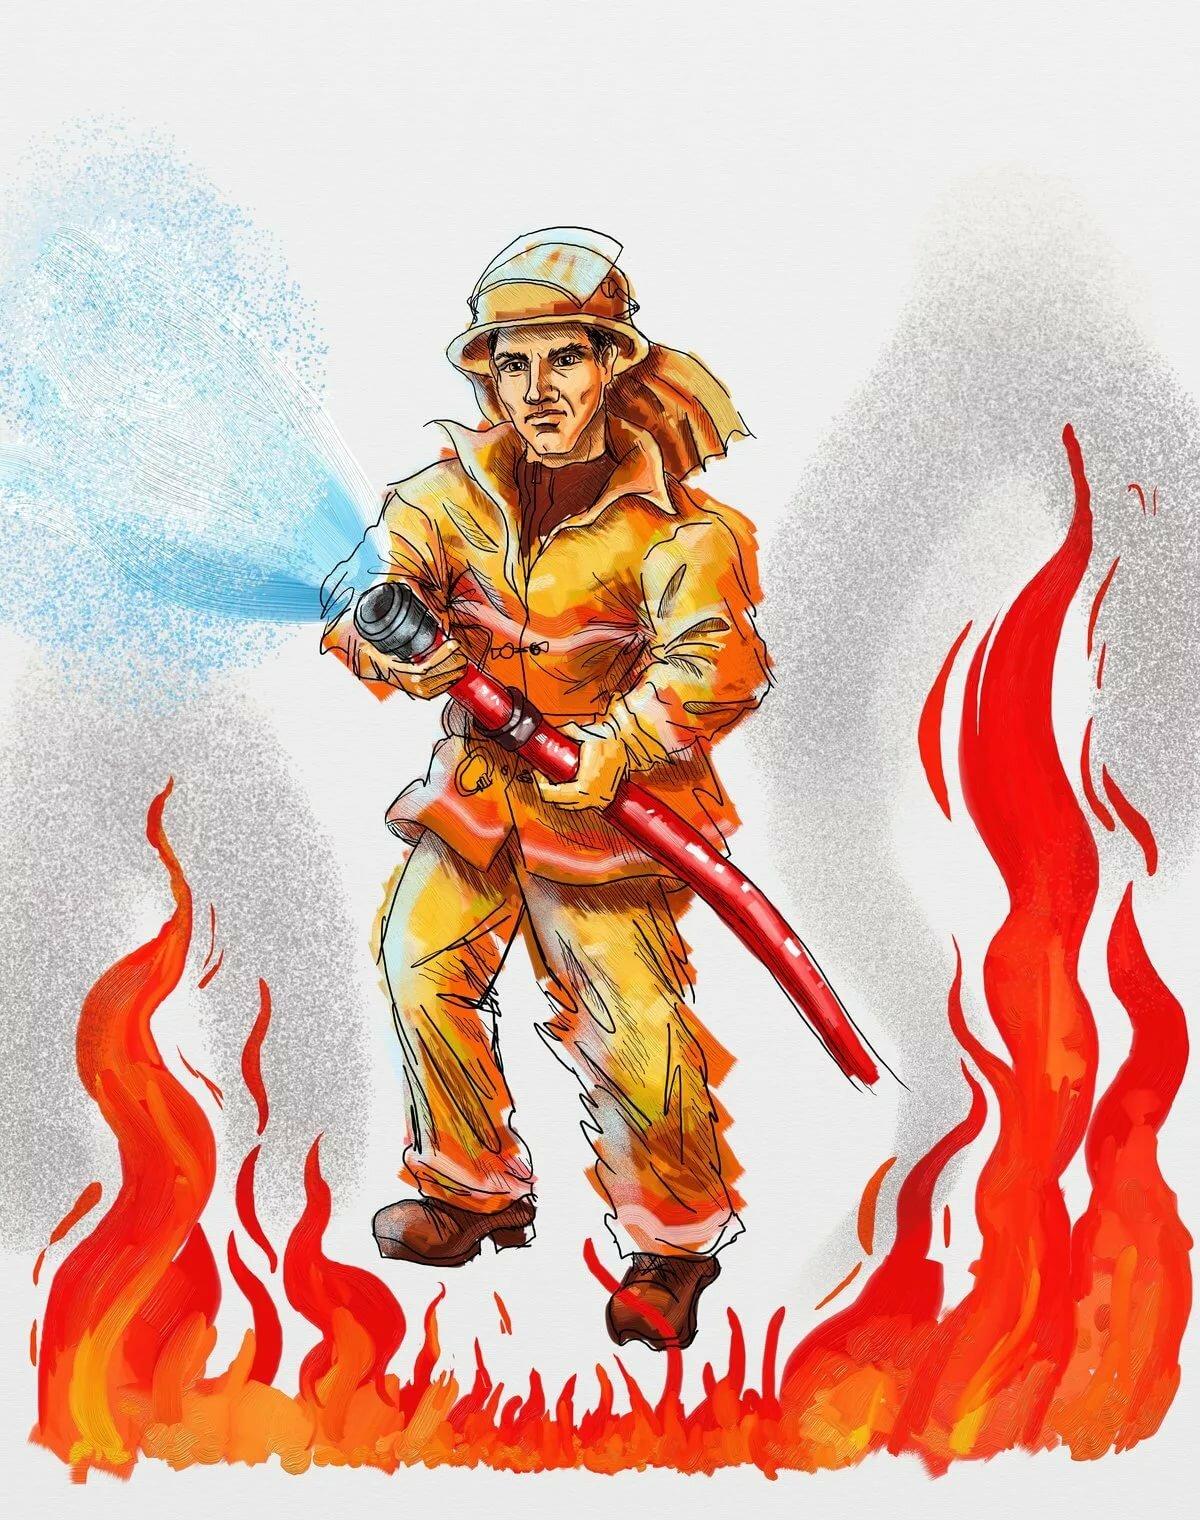 Картинки на тему моя профессия пожарный